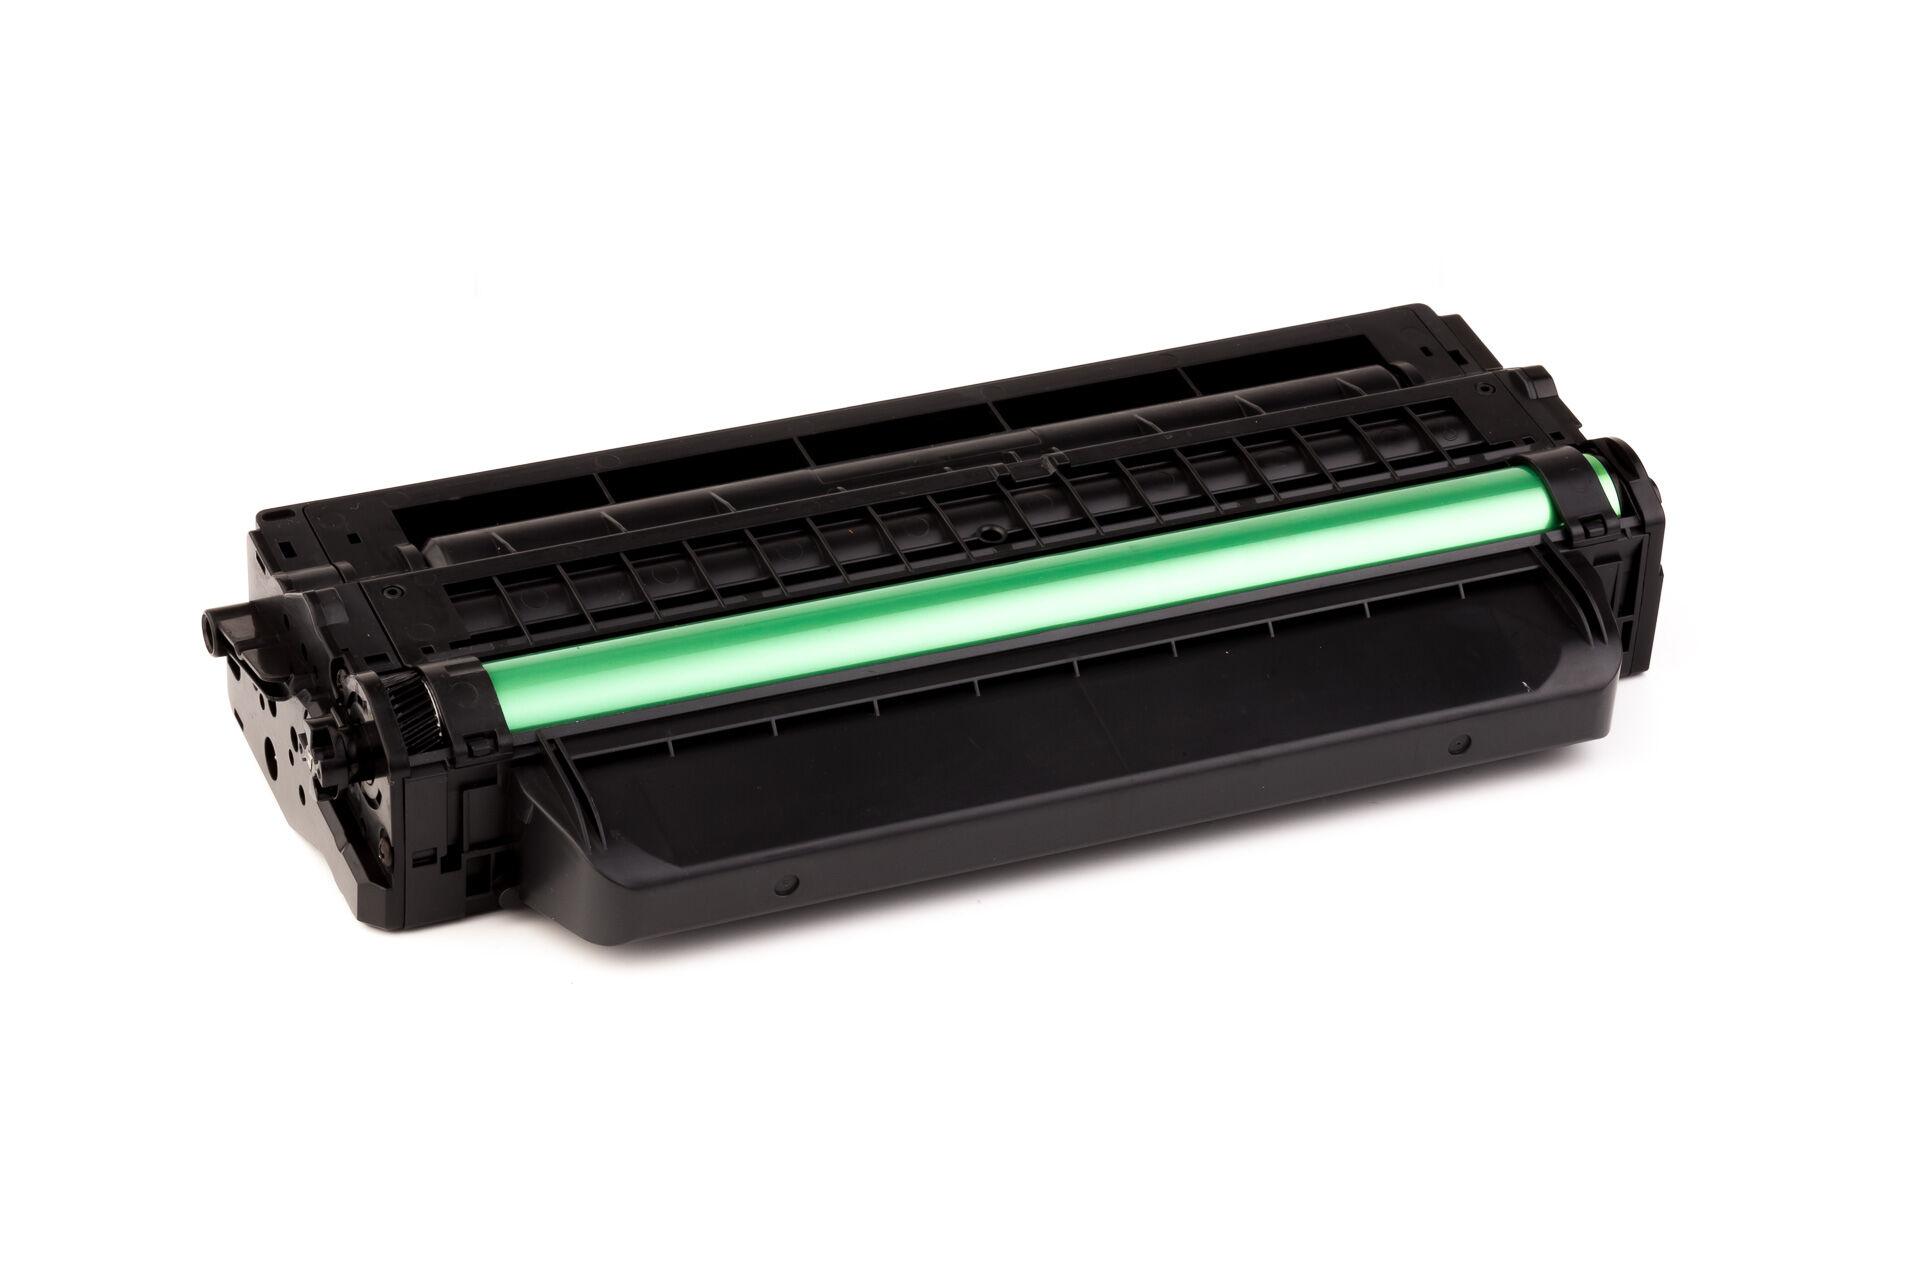 Dell Cartouche de Toner pour Dell 59311109 / RWXNT noir compatible (de marque ASC)